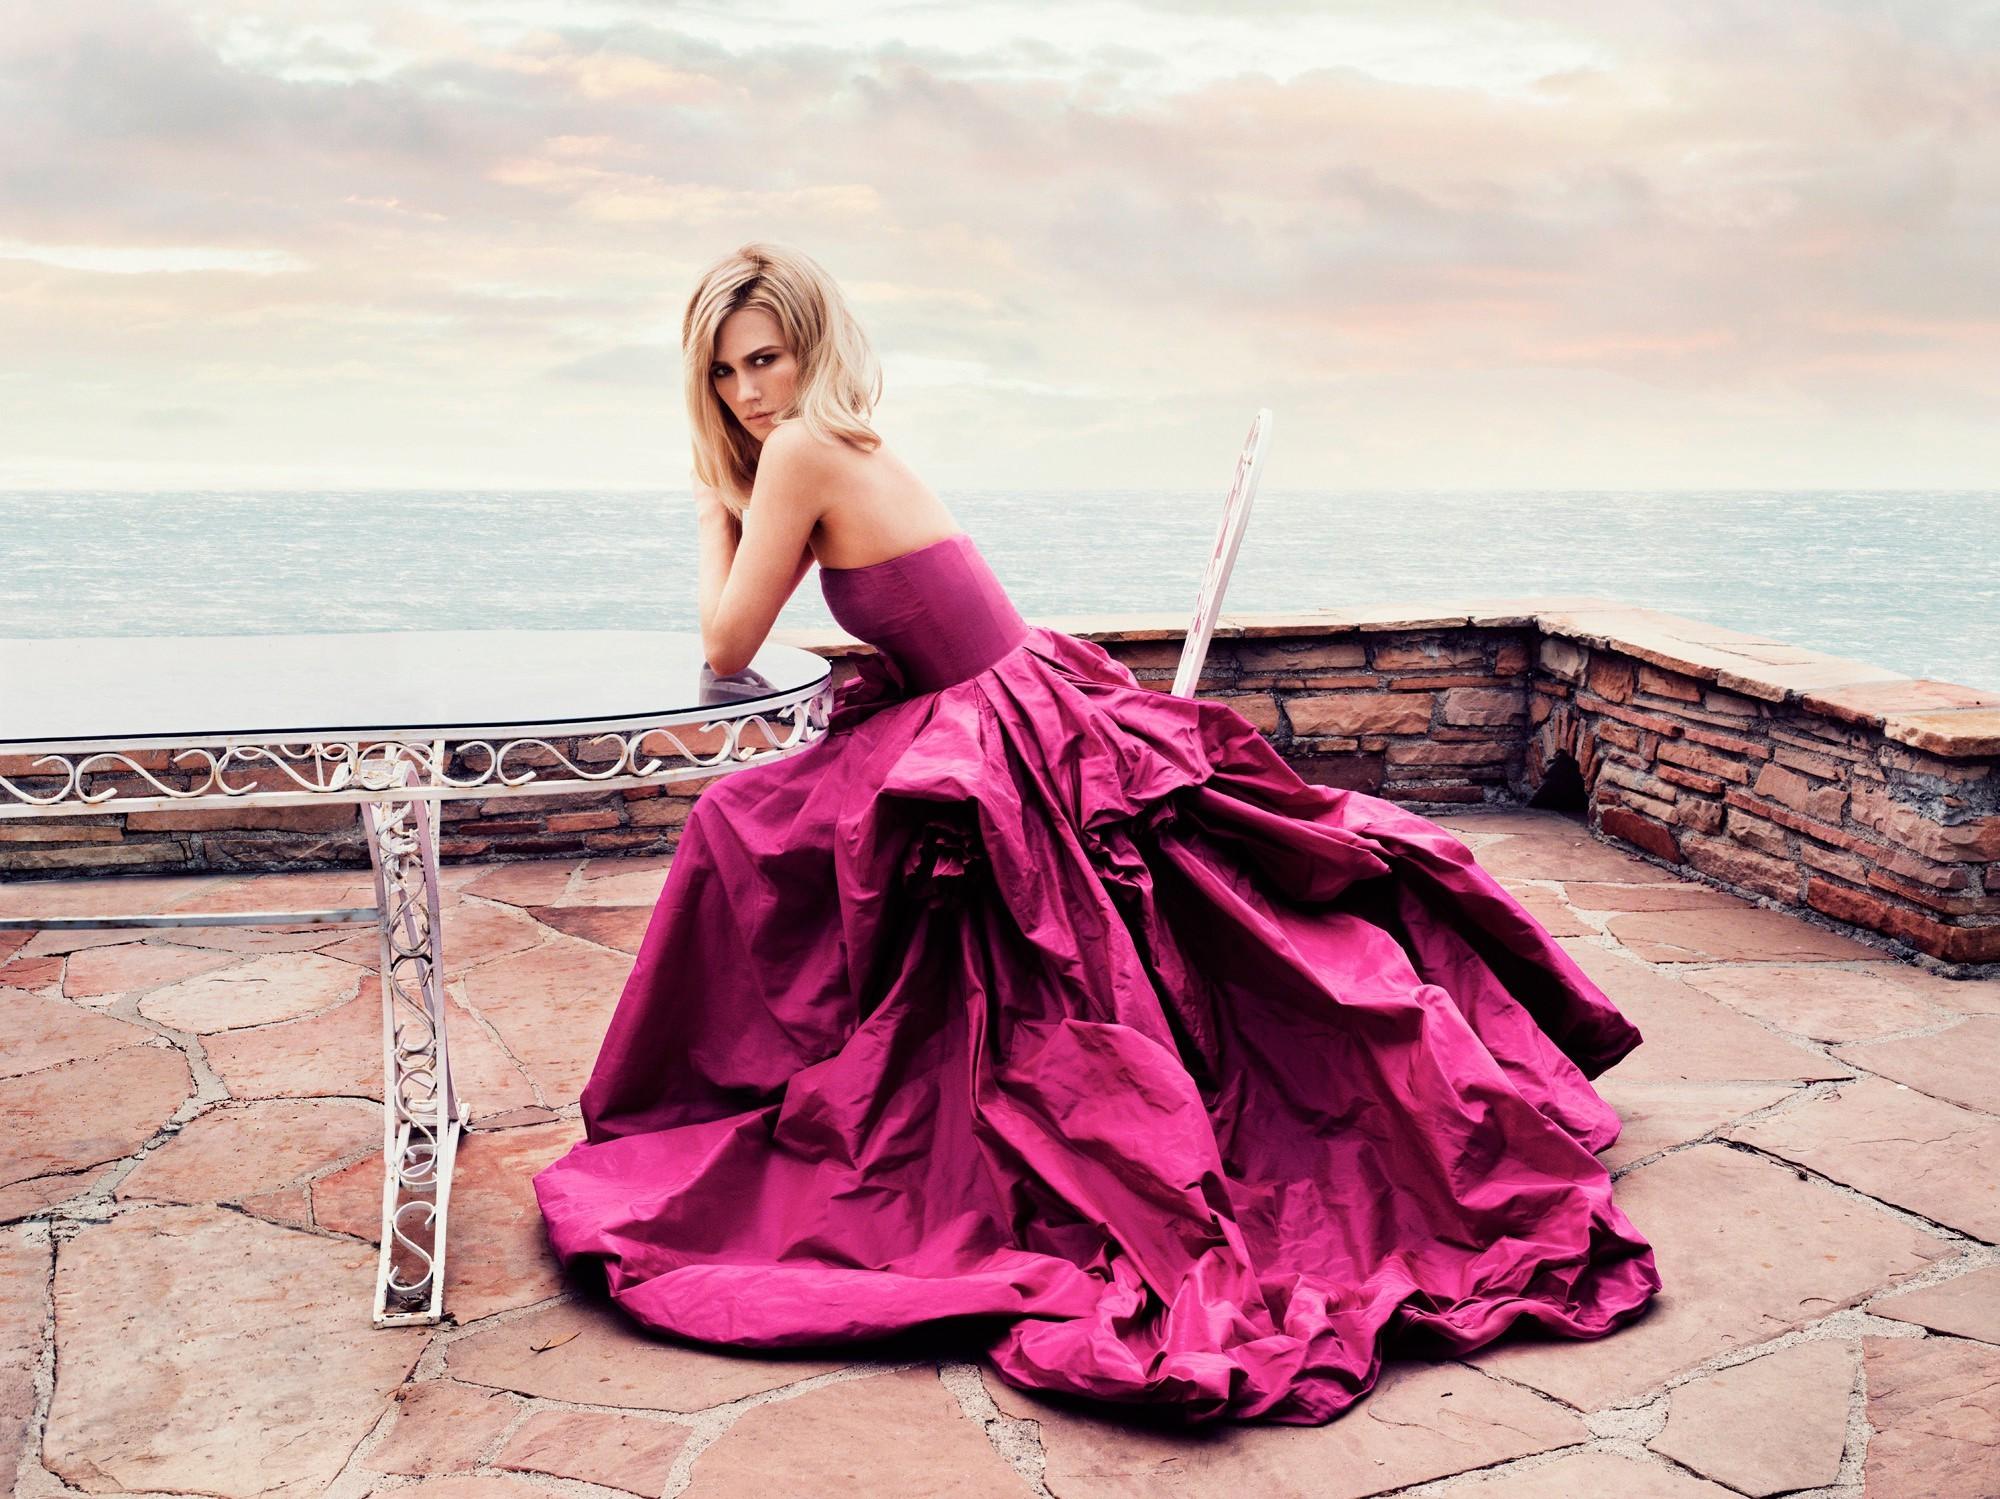 Fondos de pantalla : mujer, modelo, rubia, mar, cielo, fotografía ...